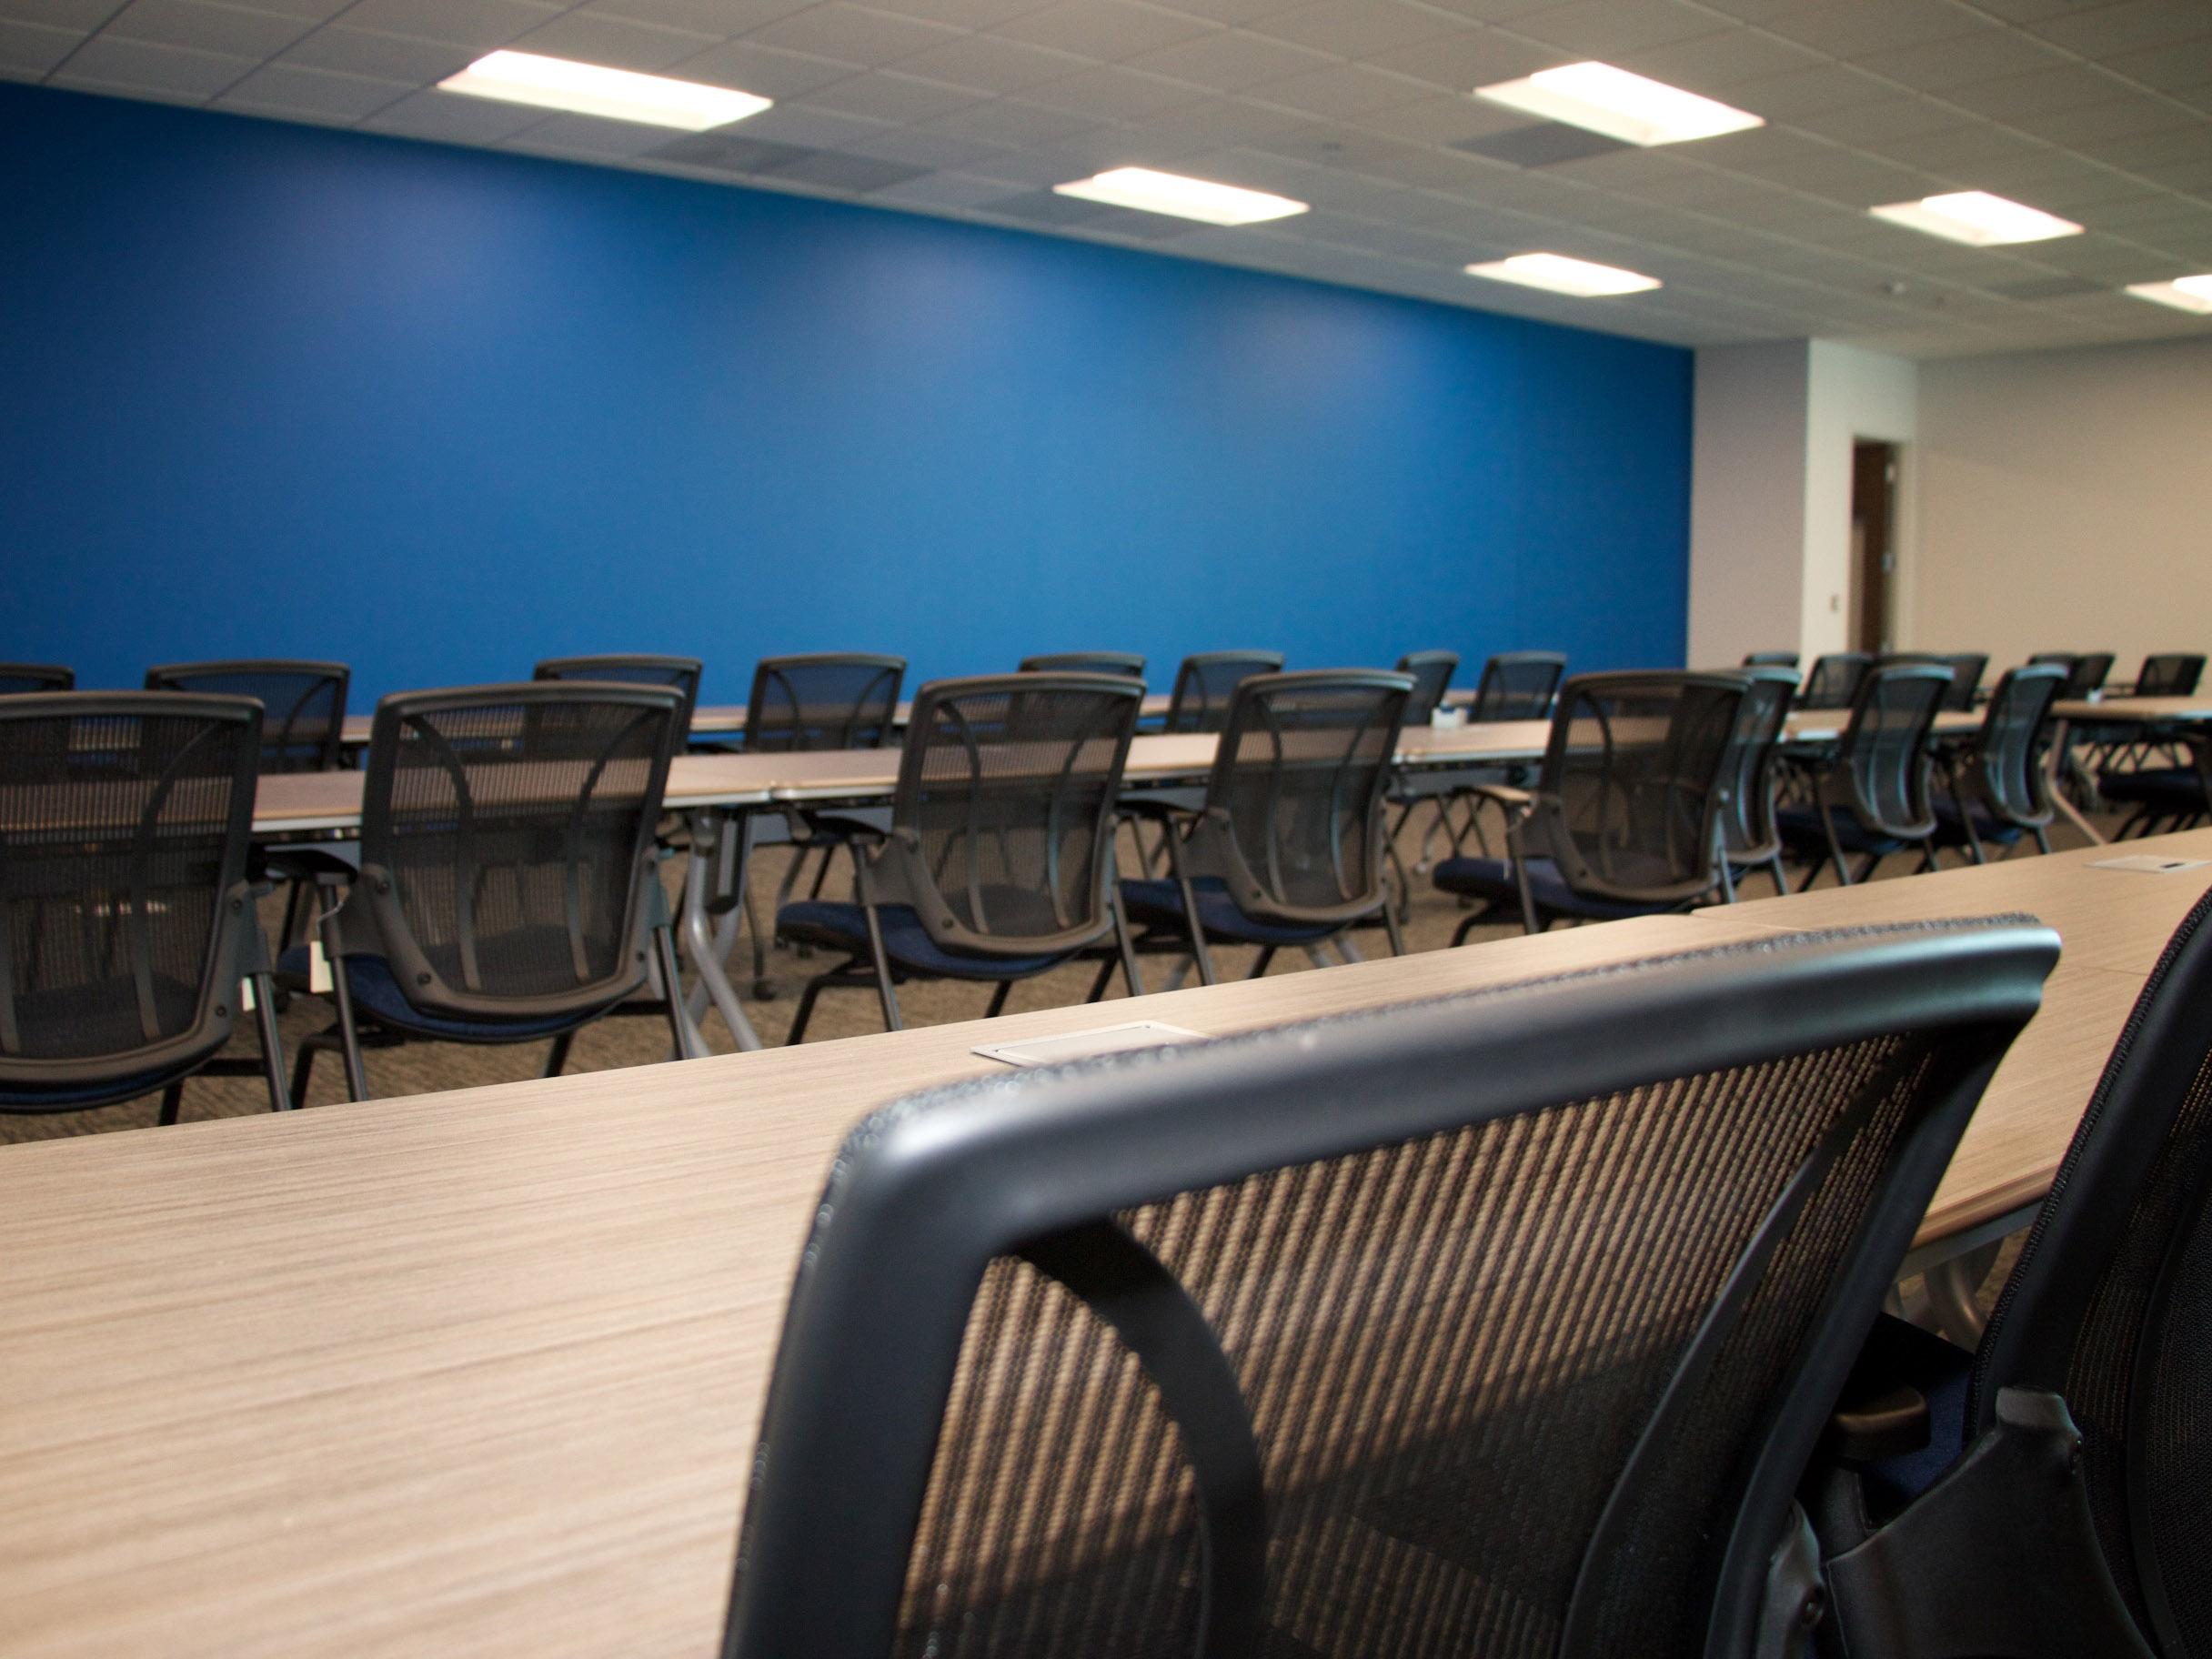 Avante Health Solutions NC auditorium 1